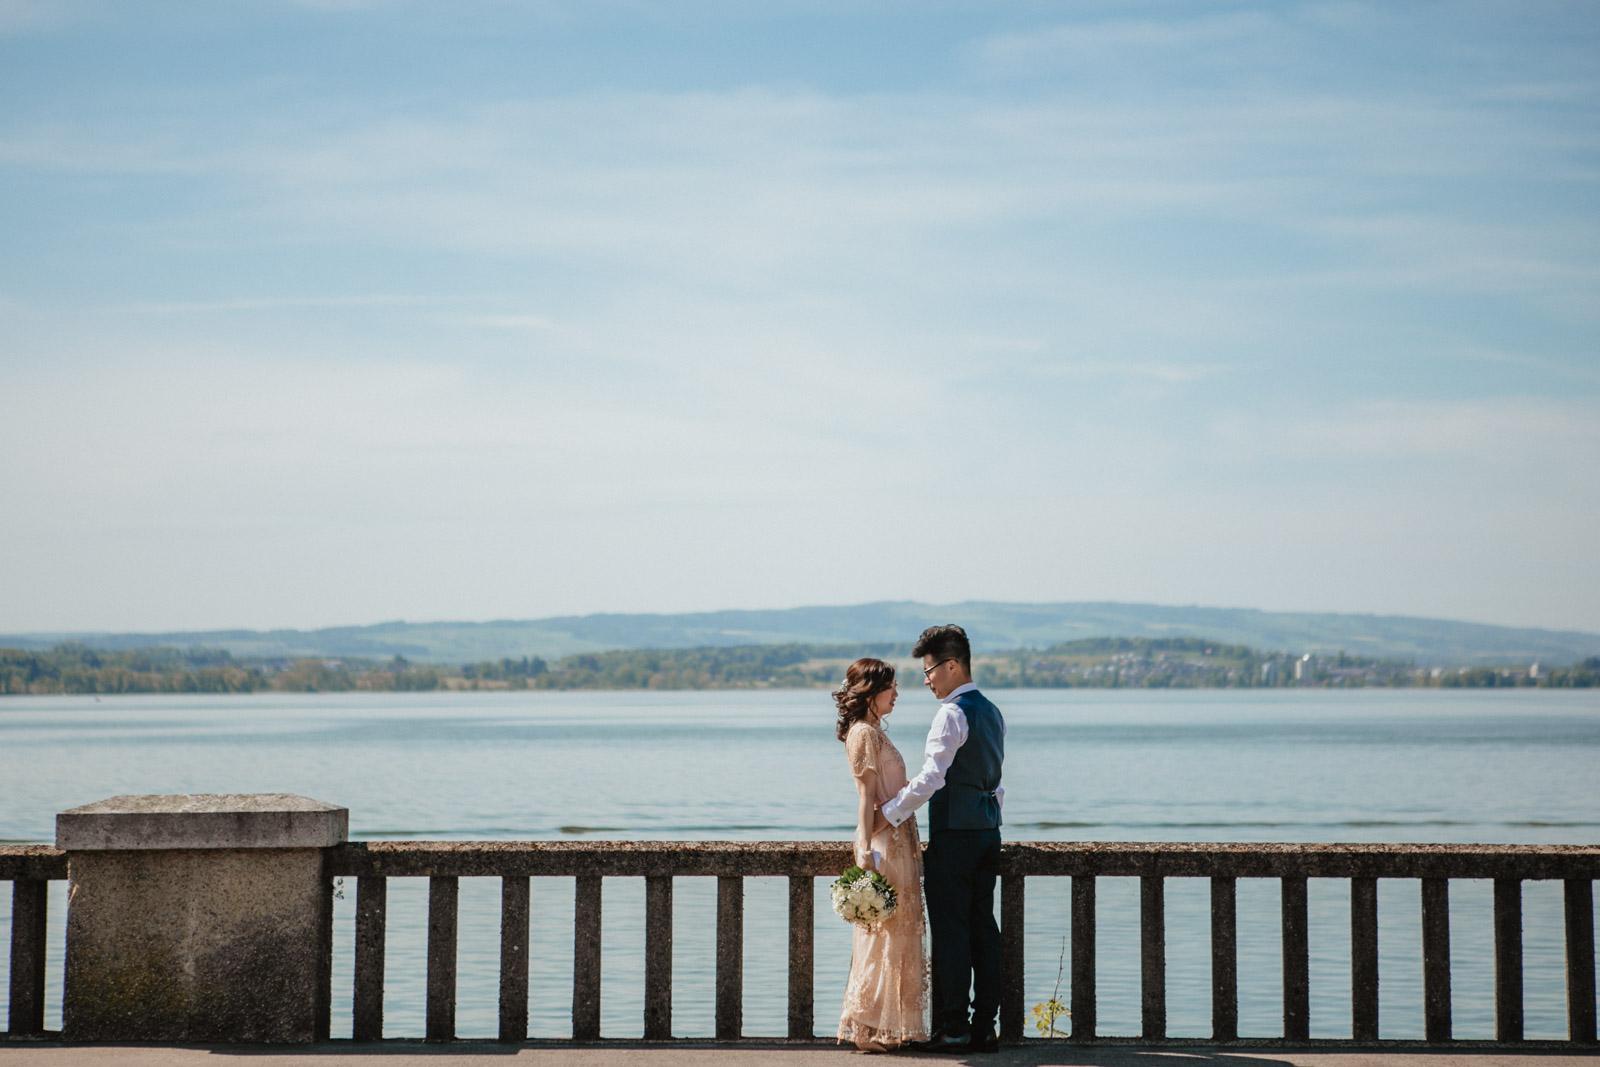 Bräutigam legt Hand auf Hüfte der Braut vor Zugersee